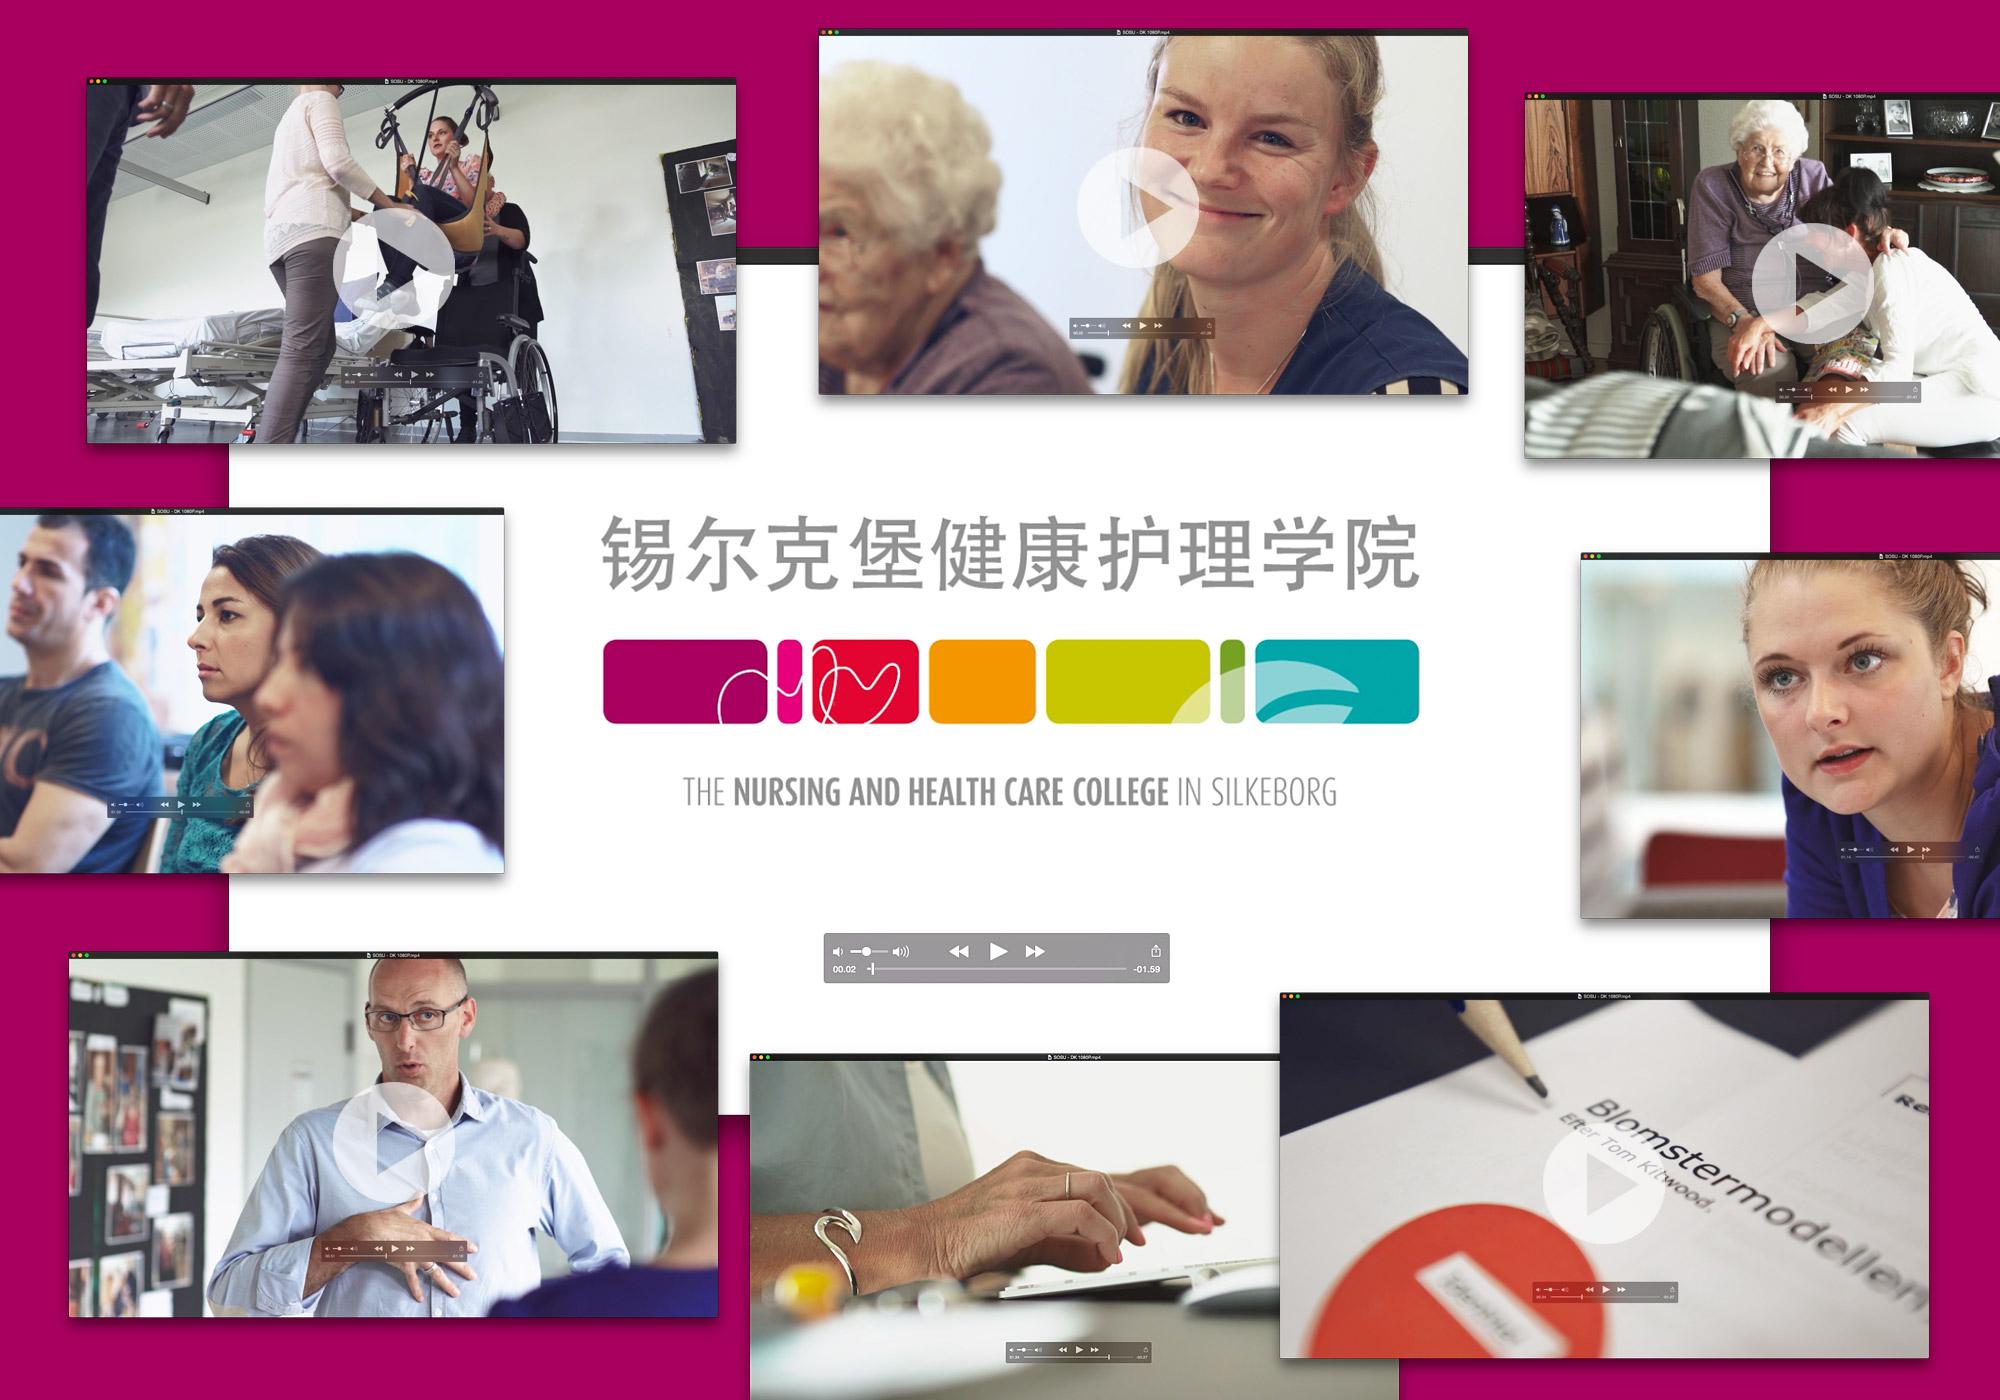 SOSU-chinafilm.jpg